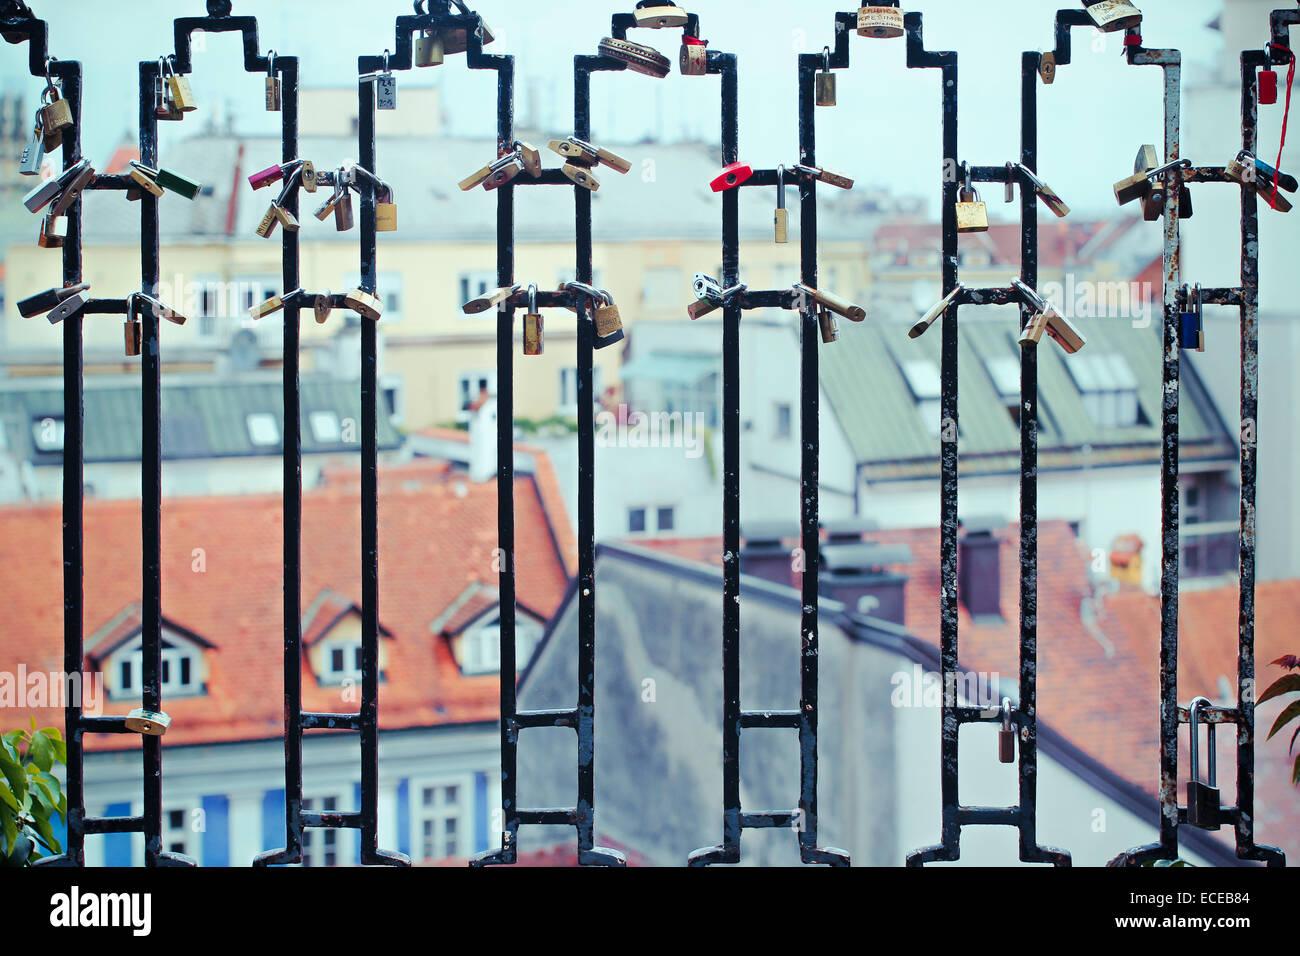 Ciudad vistos a través de las barandillas, Zagreb, Croacia. Imagen De Stock